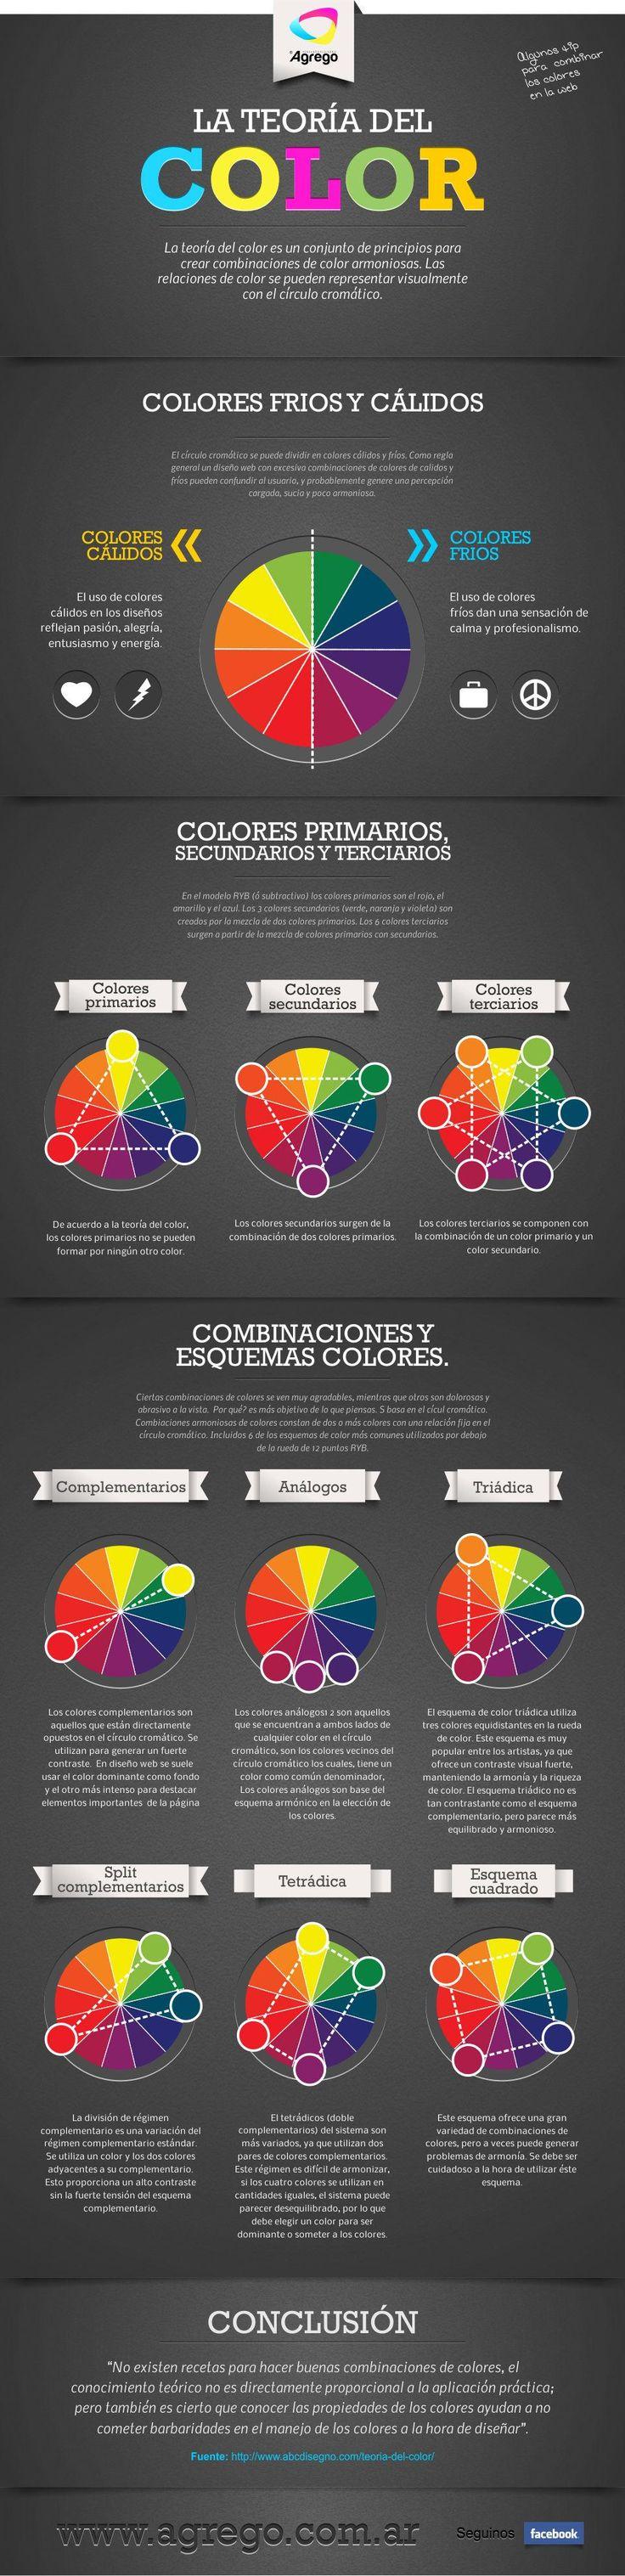 Infografía sobre el color, cómo usar los colores correctamente.